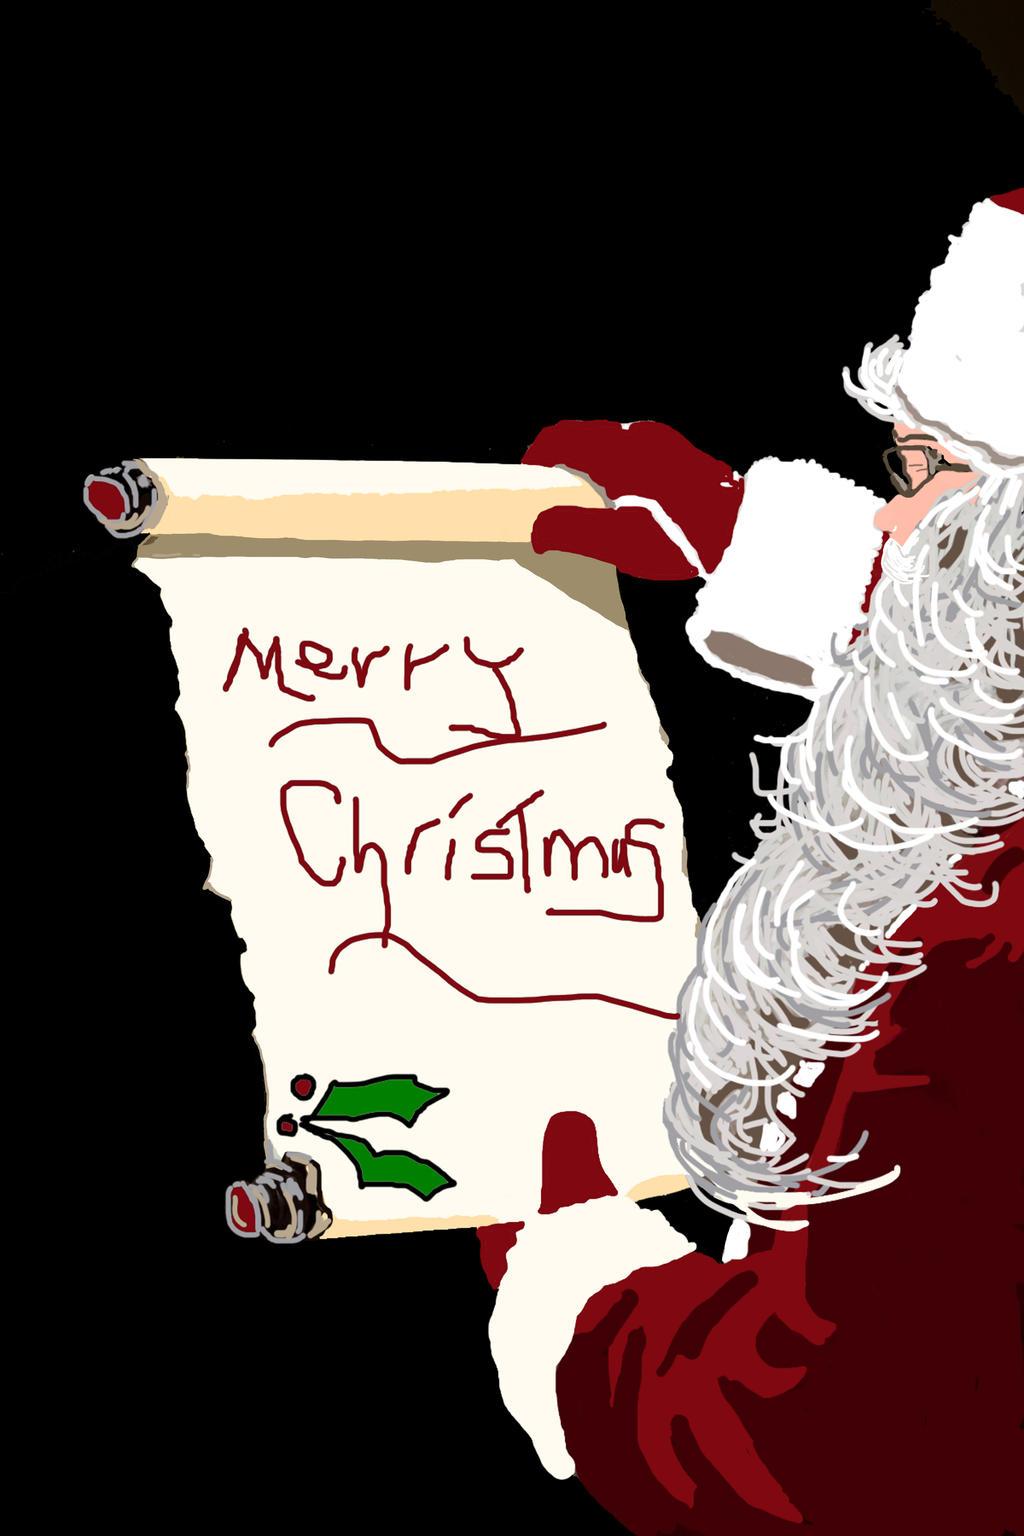 Santa Clause by ladyjart